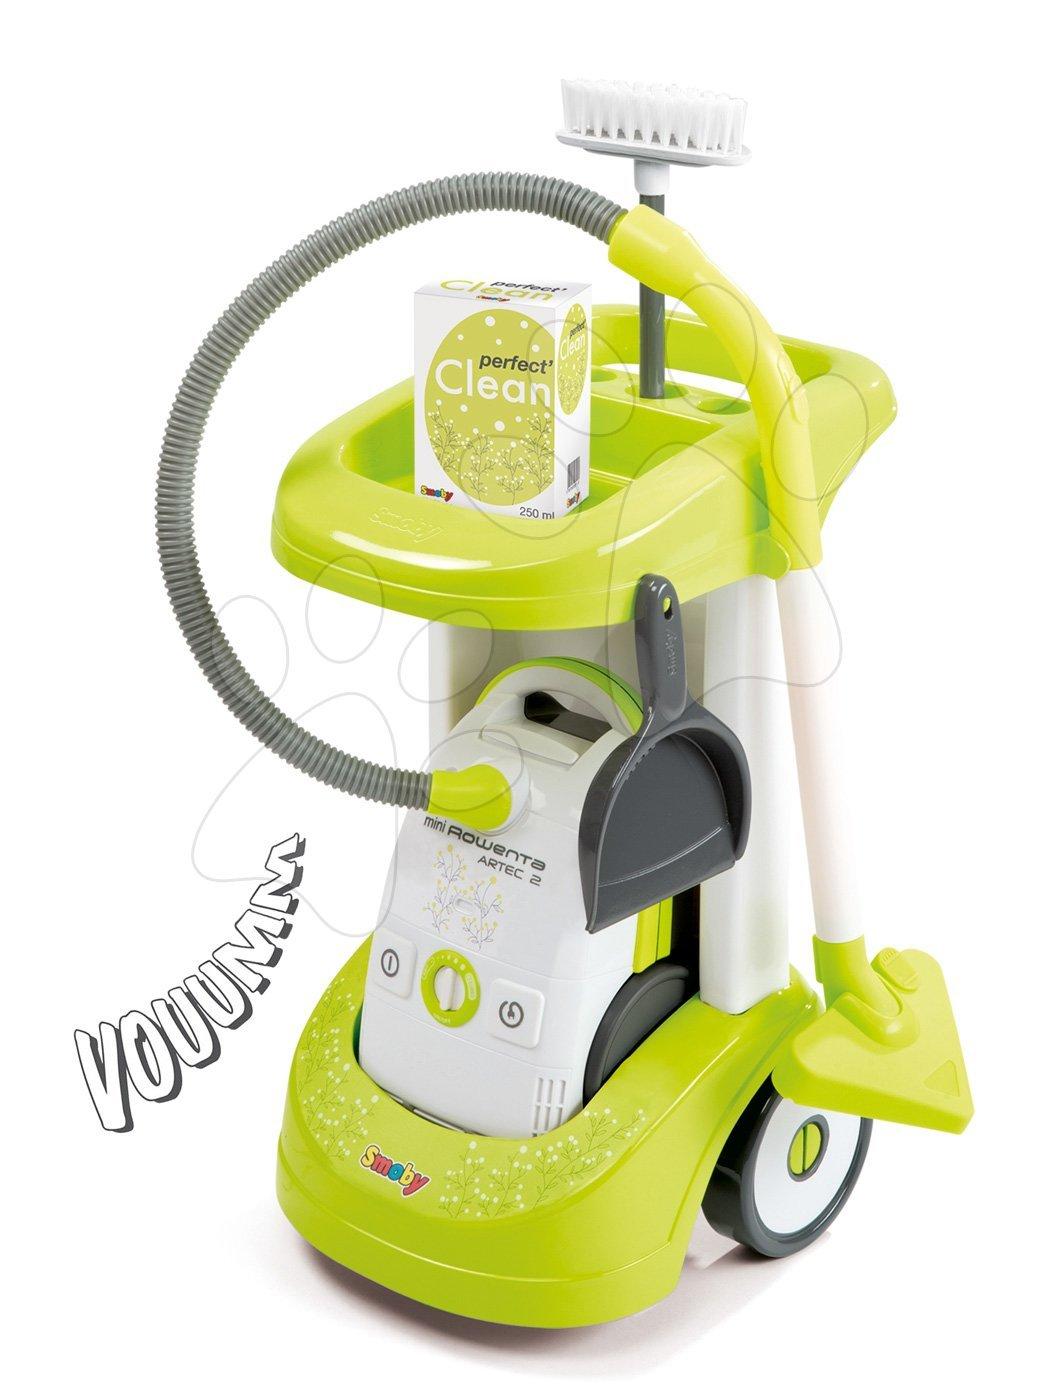 Hry na domácnosť - Upratovací vozík Smoby Rowenta s elektronickým vysávačom a 3 doplnkami zelený